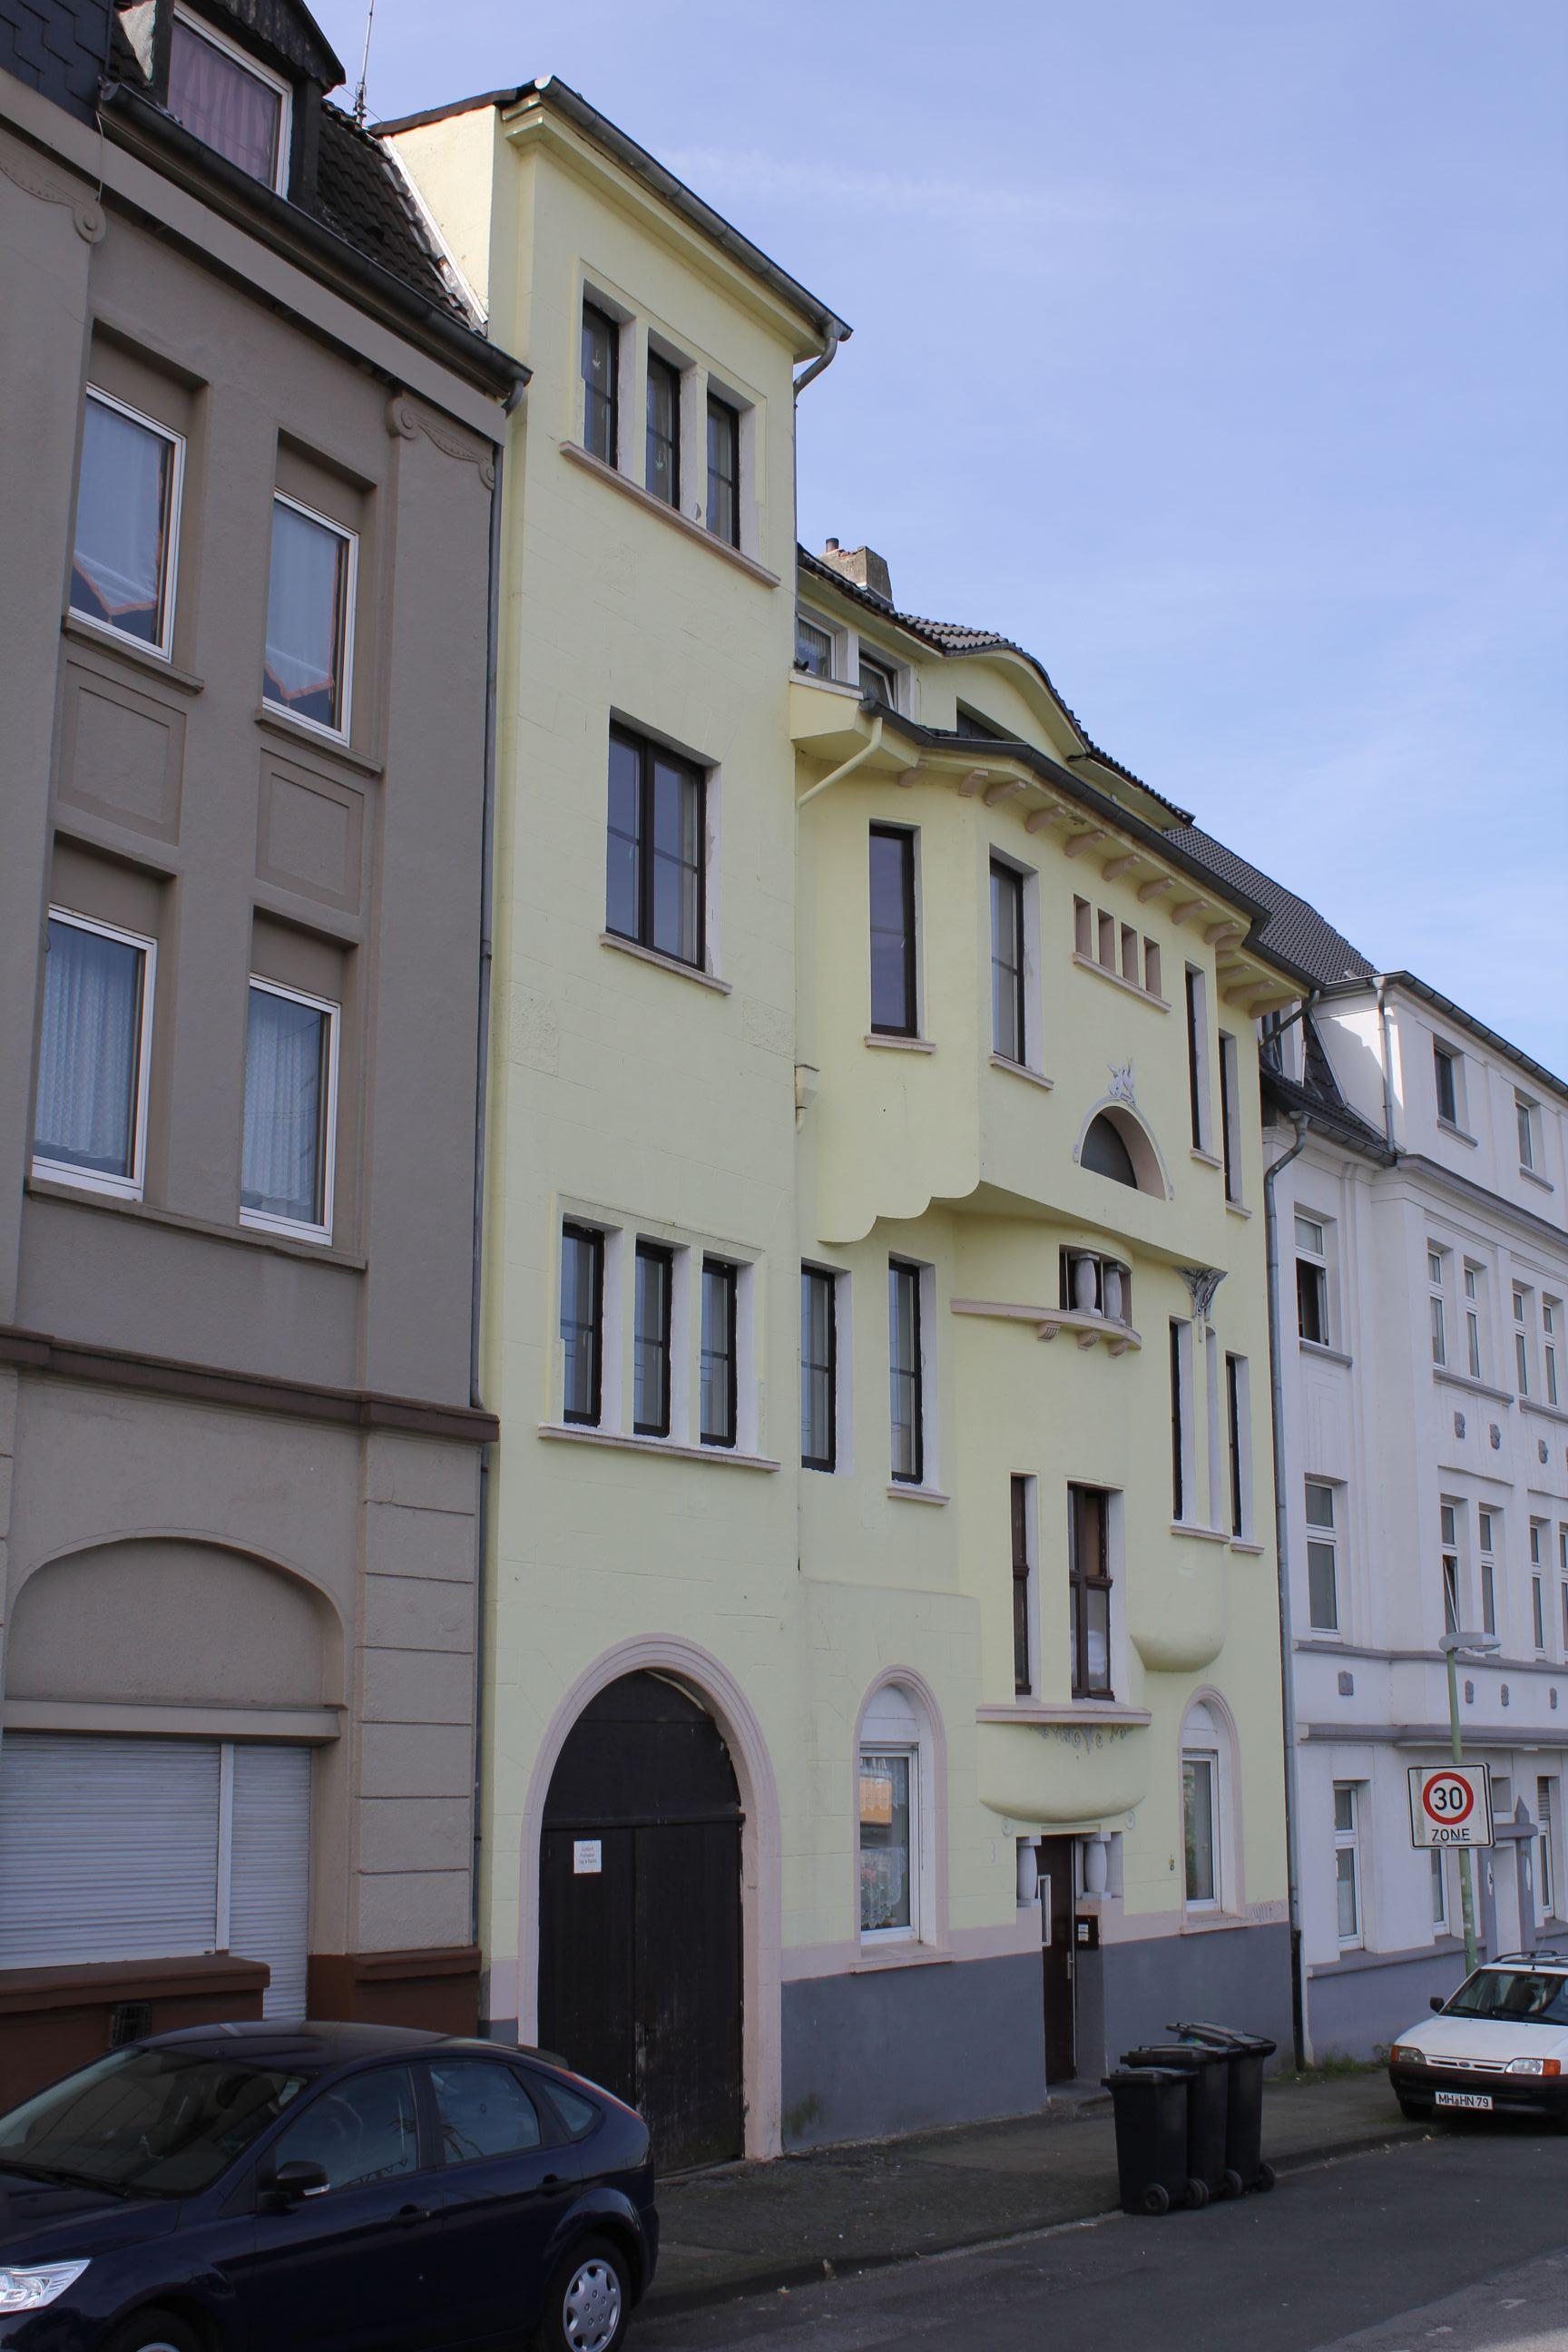 Giesebrechtstraße 3, Essen